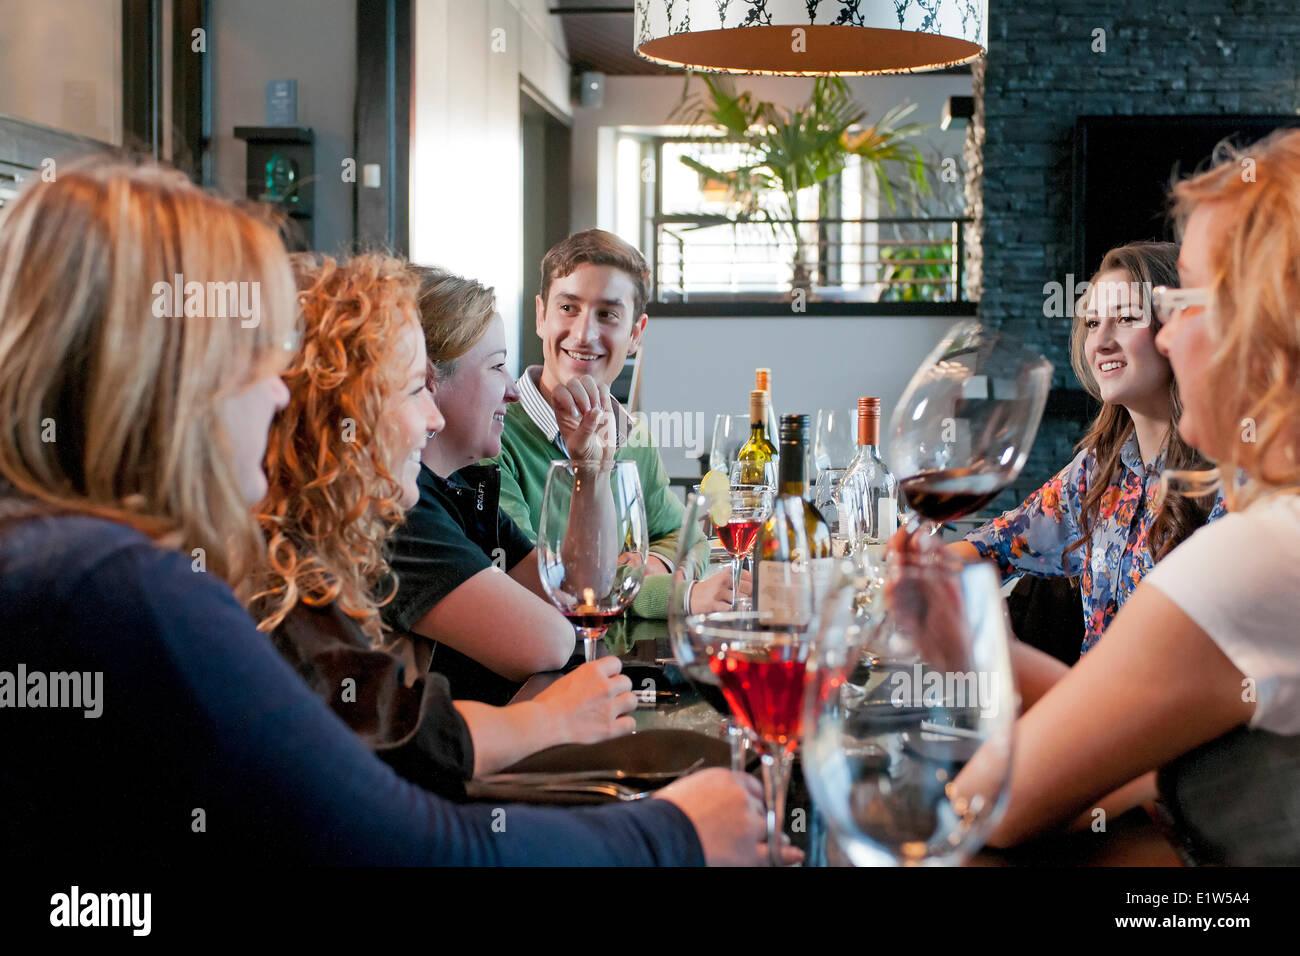 Cenando en el Local Lounge & Grille, Summerland, British Columbia, la región de Okanagan, Canadá Imagen De Stock